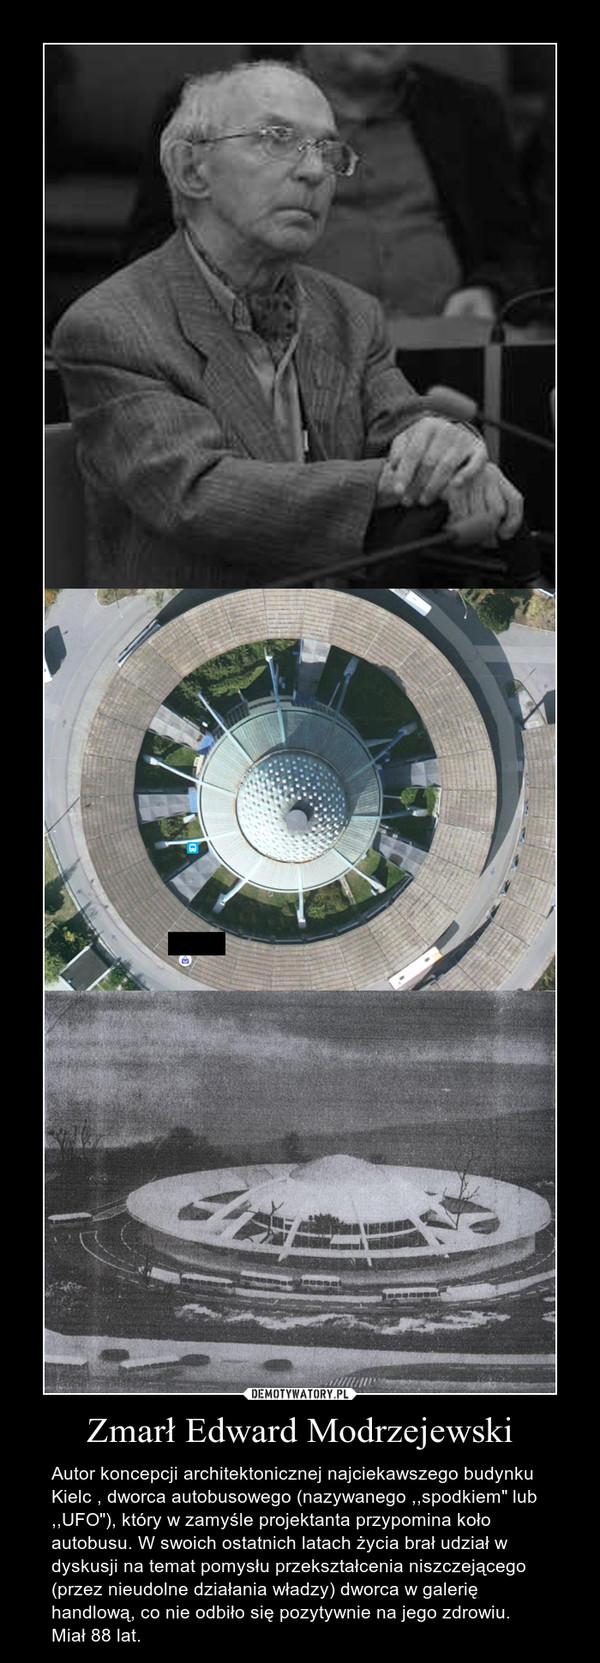 """Zmarł Edward Modrzejewski – Autor koncepcji architektonicznej najciekawszego budynku Kielc , dworca autobusowego (nazywanego ,,spodkiem"""" lub ,,UFO""""), który w zamyśle projektanta przypomina koło autobusu. W swoich ostatnich latach życia brał udział w dyskusji na temat pomysłu przekształcenia niszczejącego (przez nieudolne działania władzy) dworca w galerię handlową, co nie odbiło się pozytywnie na jego zdrowiu. Miał 88 lat."""